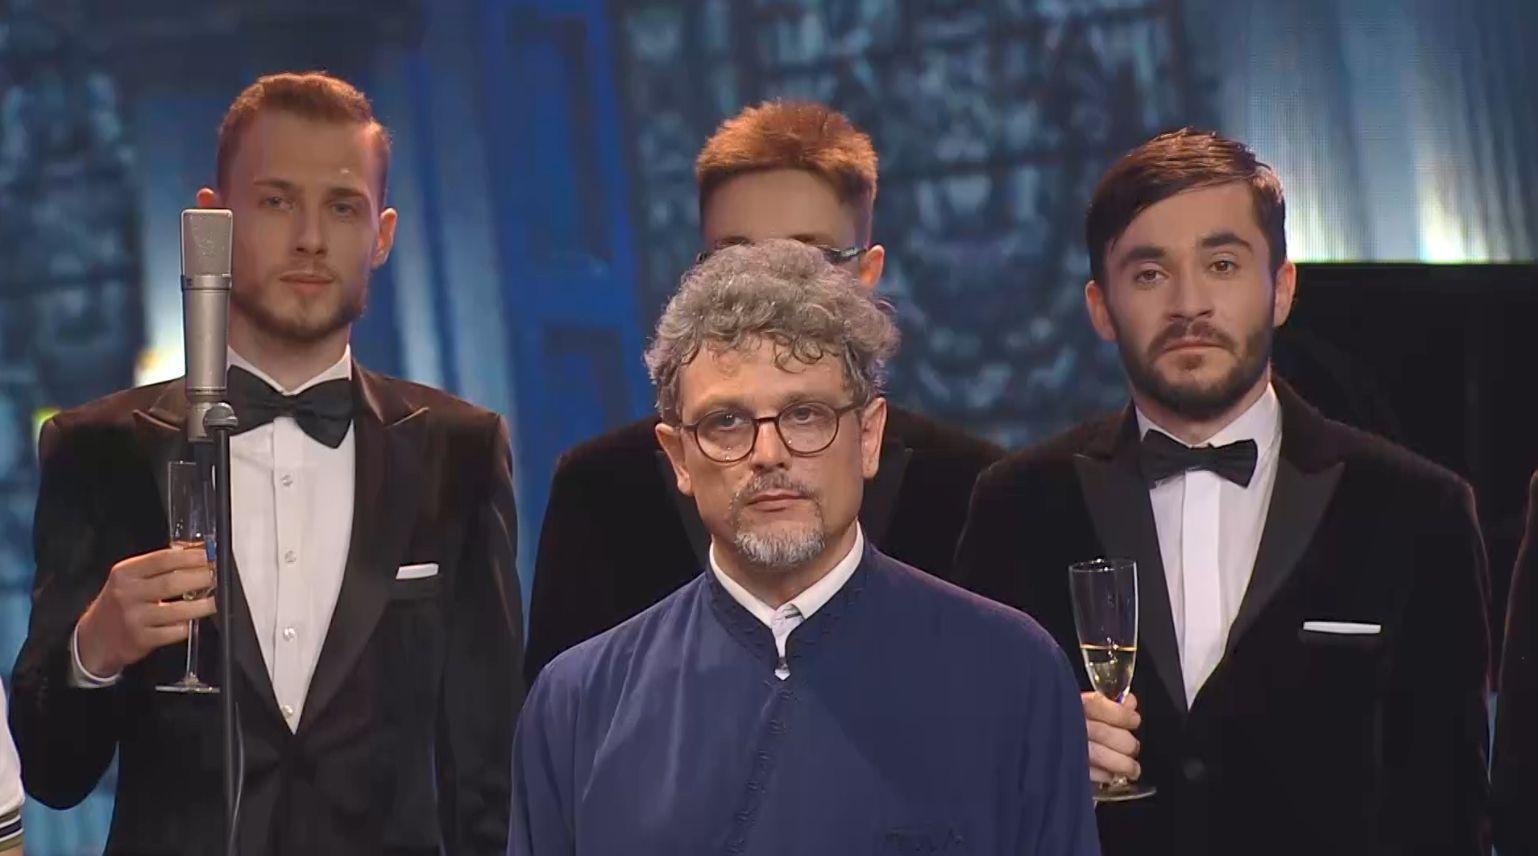 X Factor 2021, 22 octombrie. Corul bărbătesc, Cantus Domini, invitat special al acestei ediții. Jurații s-au emoționat complet